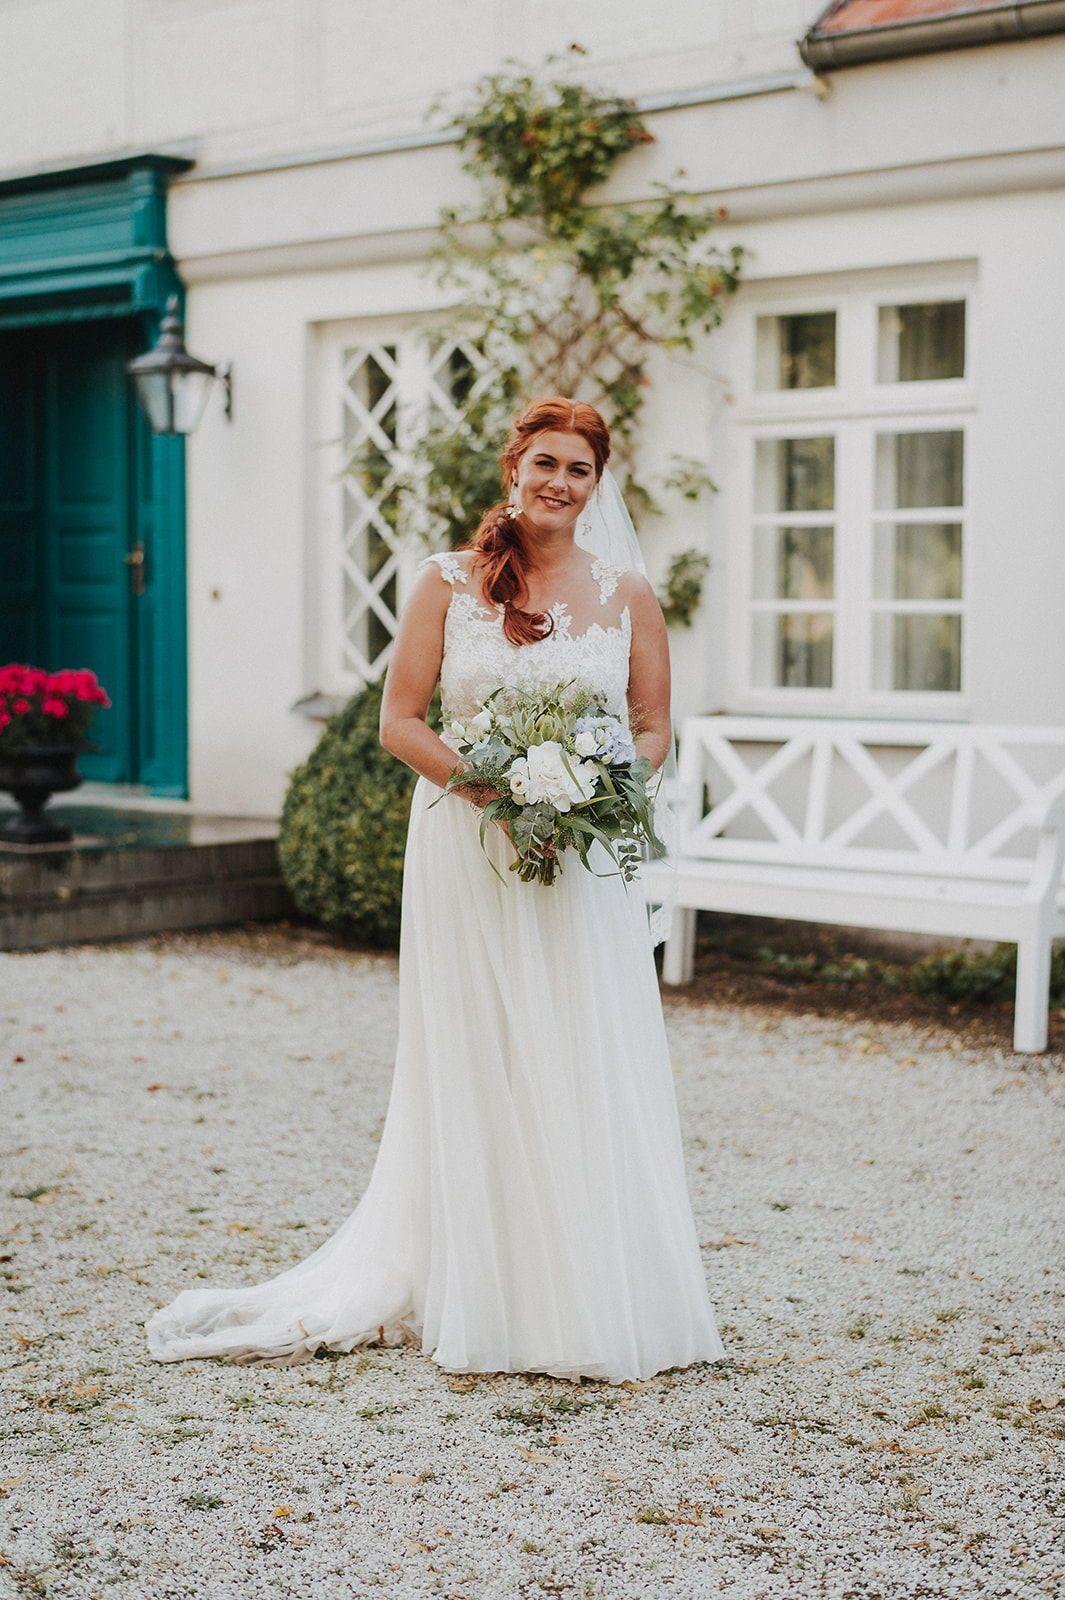 Eine entspannte Scheunenhochzeit mitten im Grünen wünschten sich Julia   und Johann für ihre Hochzeit. Den Ort, an dem sich alle wohlfühlten und   Zeit füreinande hatten, fanden sie mit Gutshof Langensee. Dort   verbrachten sie mit ihren Familien und Freunden ein Wochenende mit   Kennlern-BBQ am Freitag, Scheunenhochzeit am Samstag und   Bayrischem Katerfrühstück am Sonntagmorgen – dokumentiert von Nils   Hansenau, Hochzeitsfotograf aus dem Netzwerk Bildpoeten. #freietrauung   #lieschenheiratet